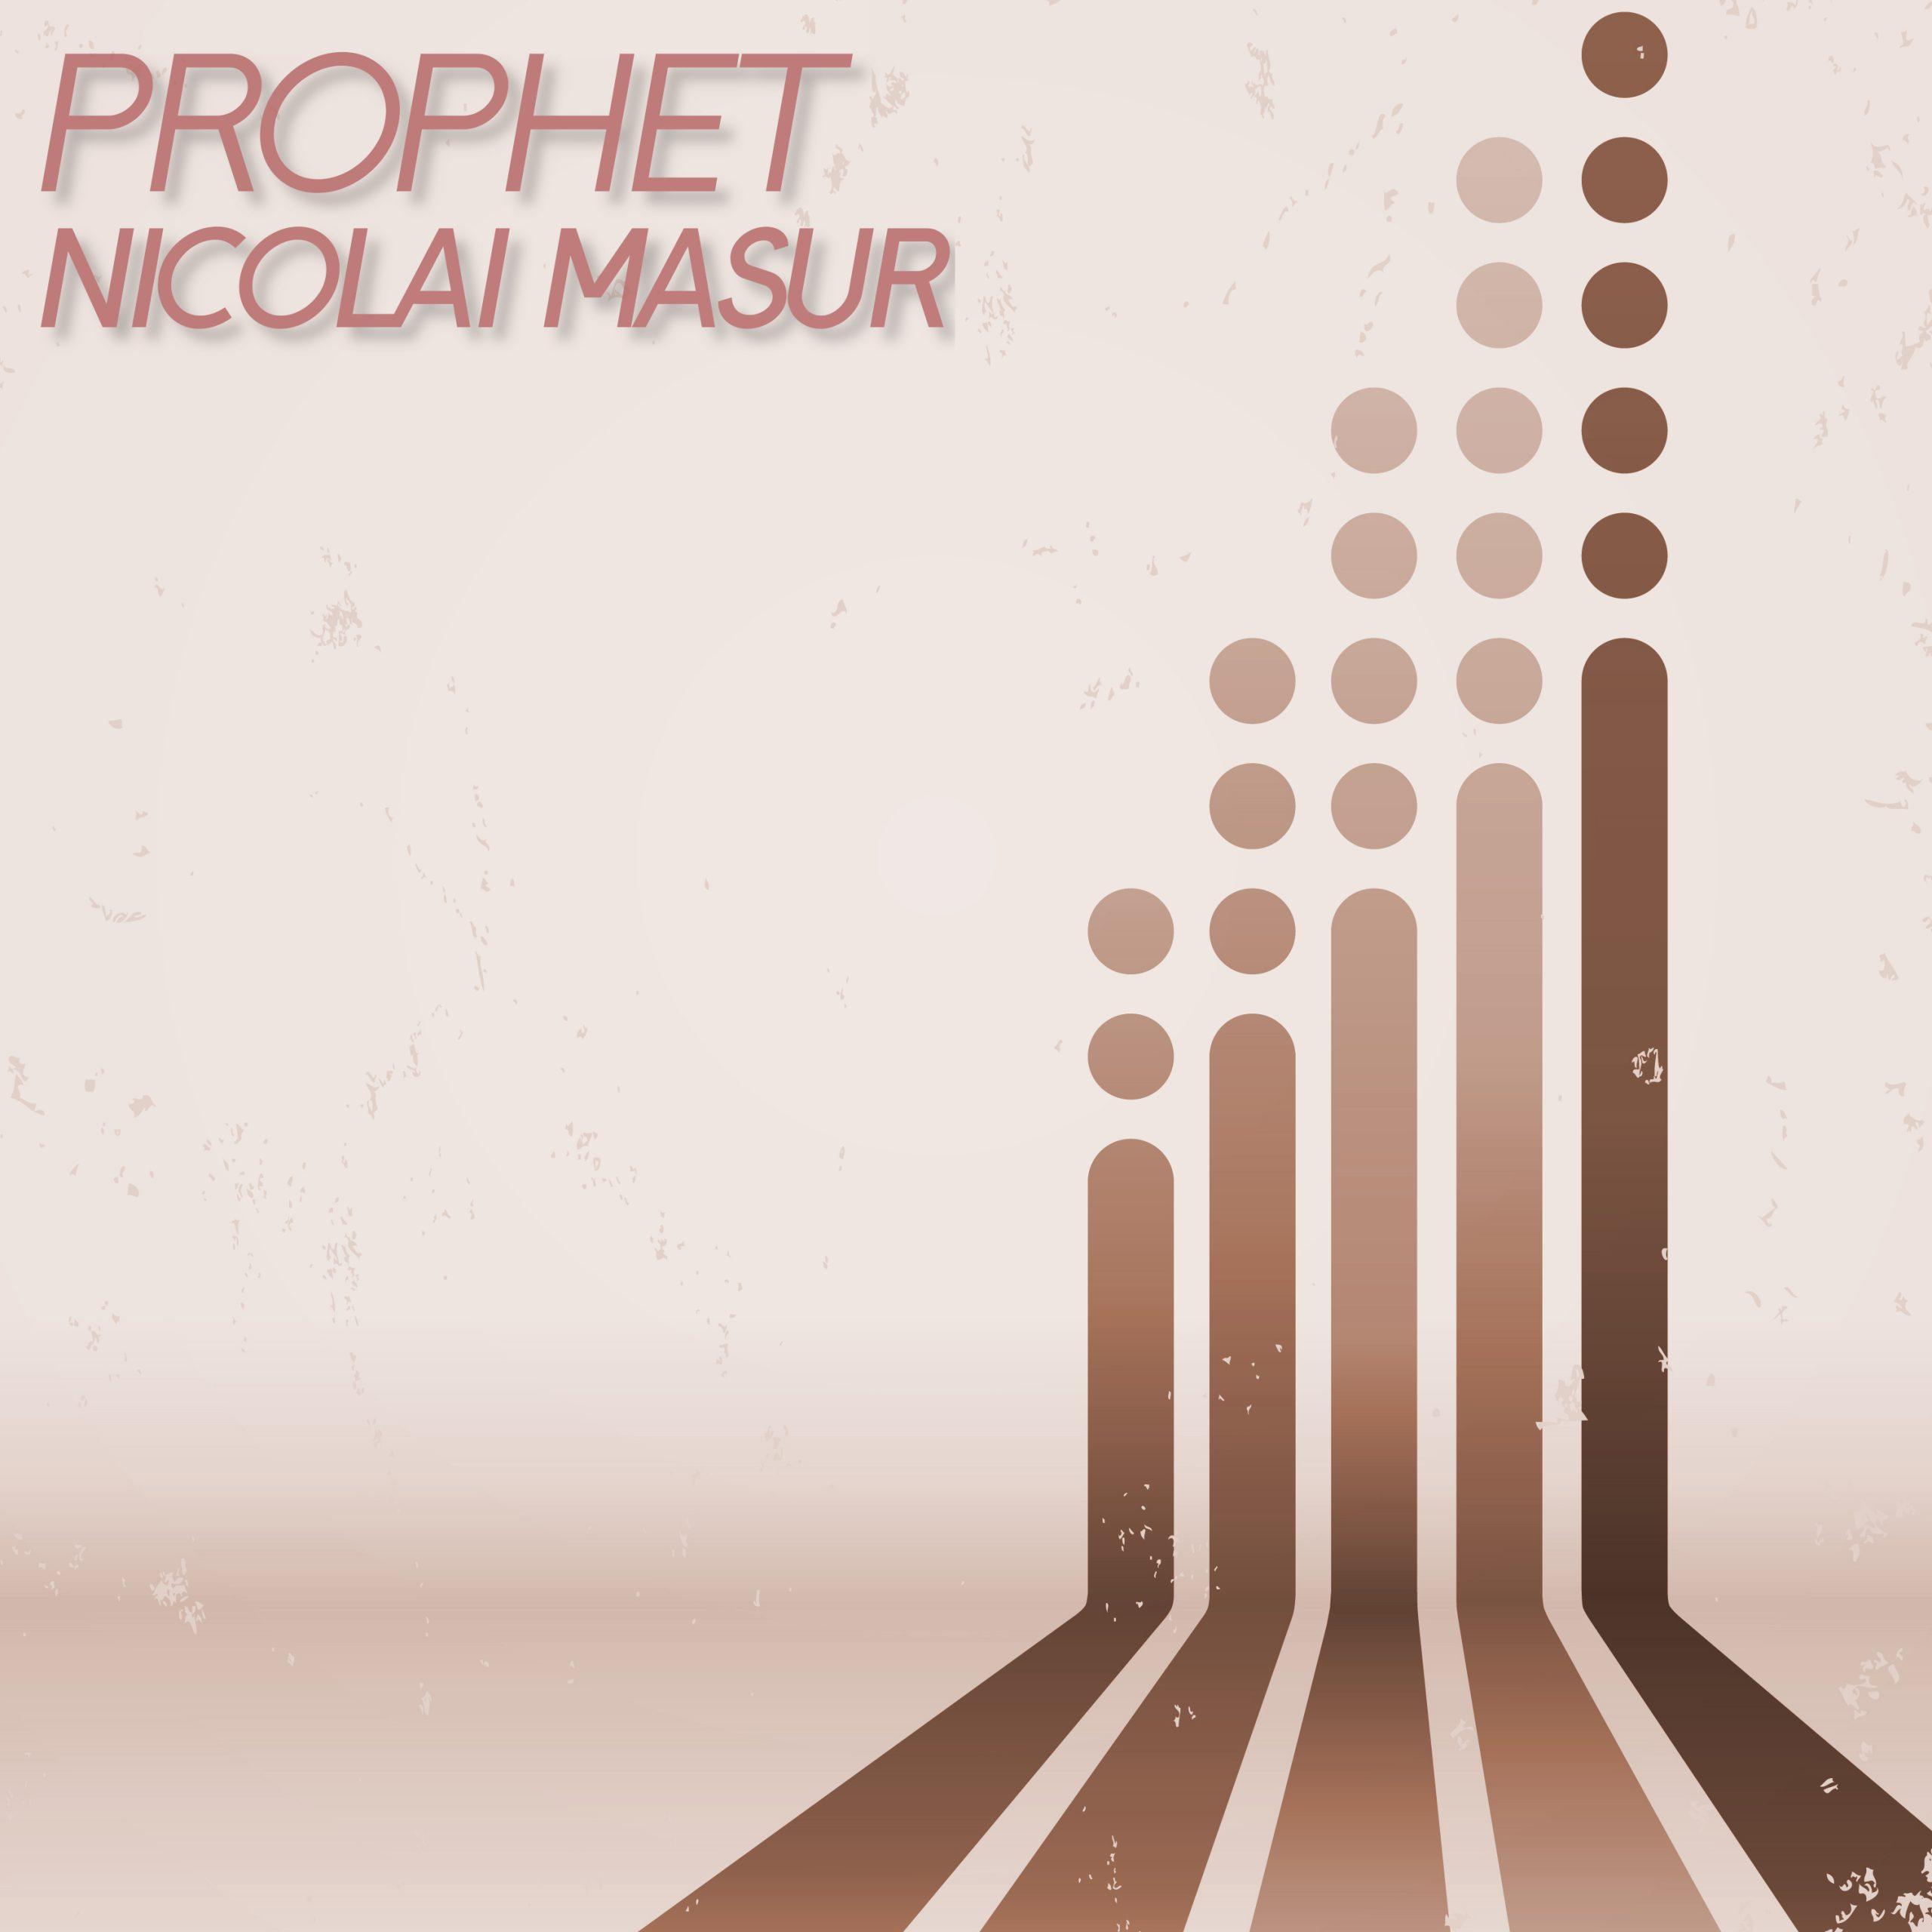 Nicolai Masur - Prophet